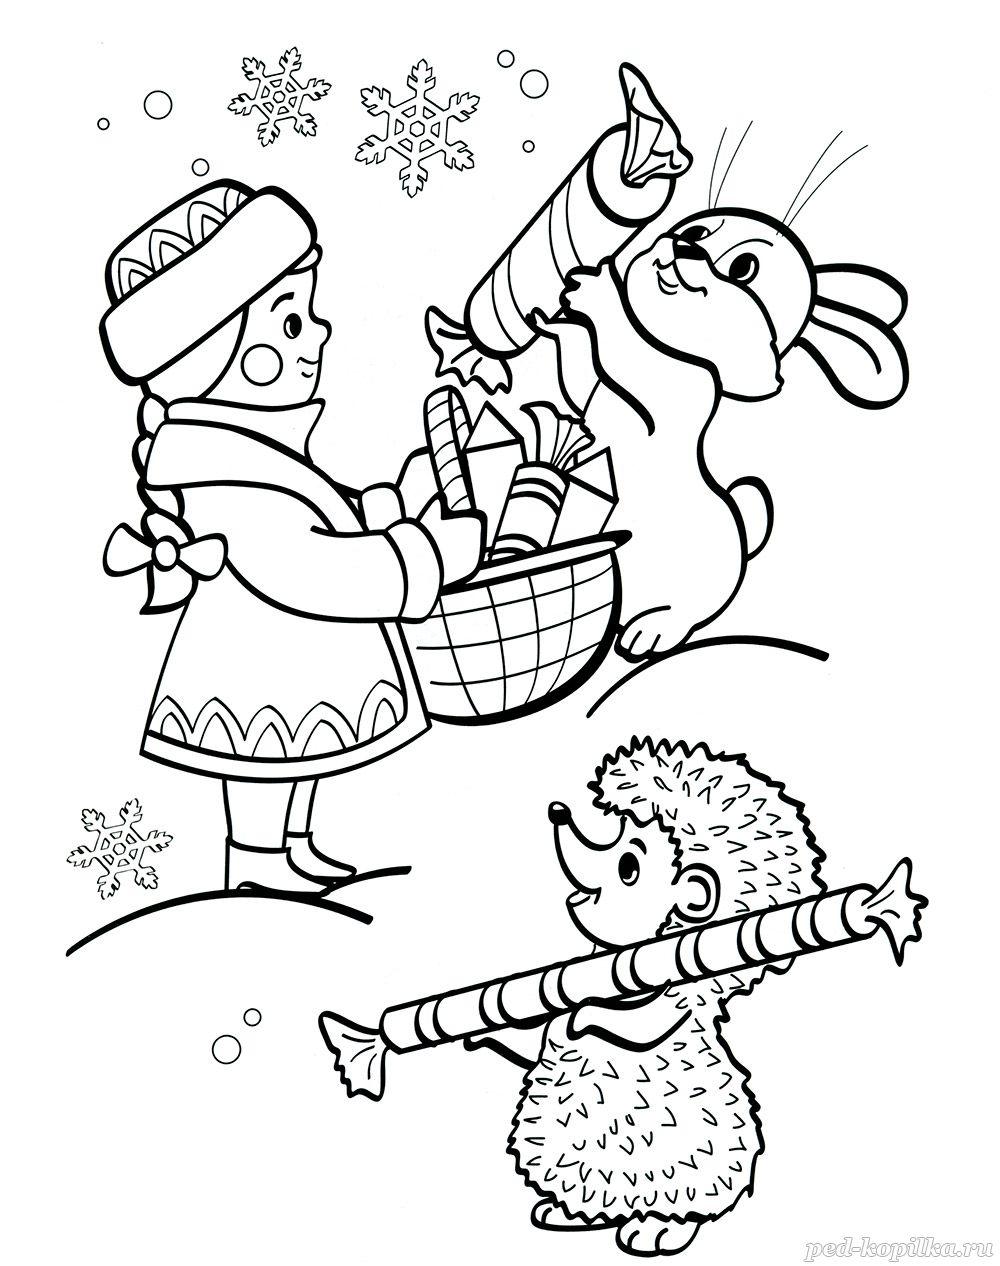 Снегурочка дарит зверятам подарки Раскраски зима скачать бесплатно